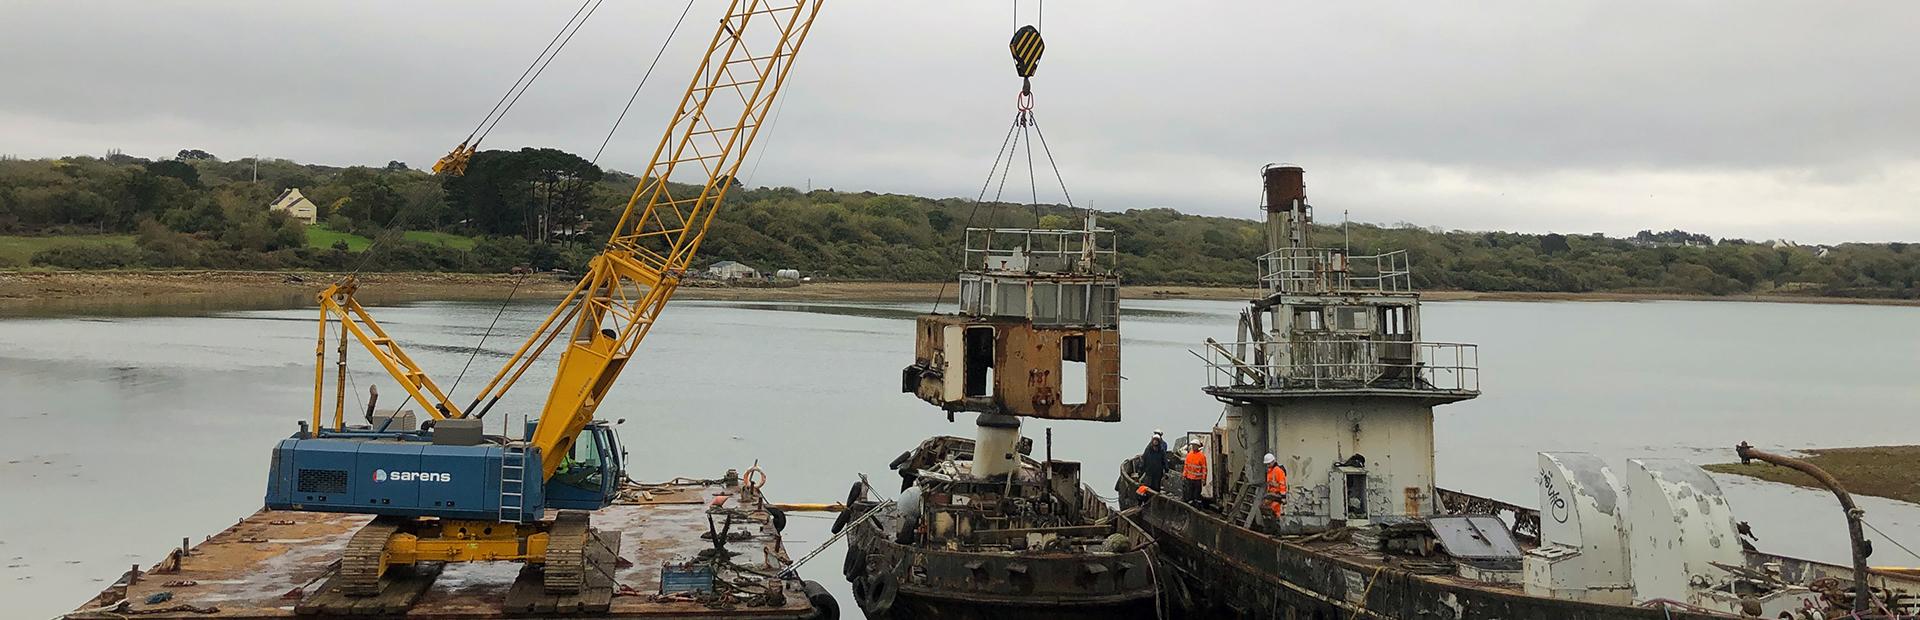 Déconstruction navale, dépollution en Bretagne, Finistère